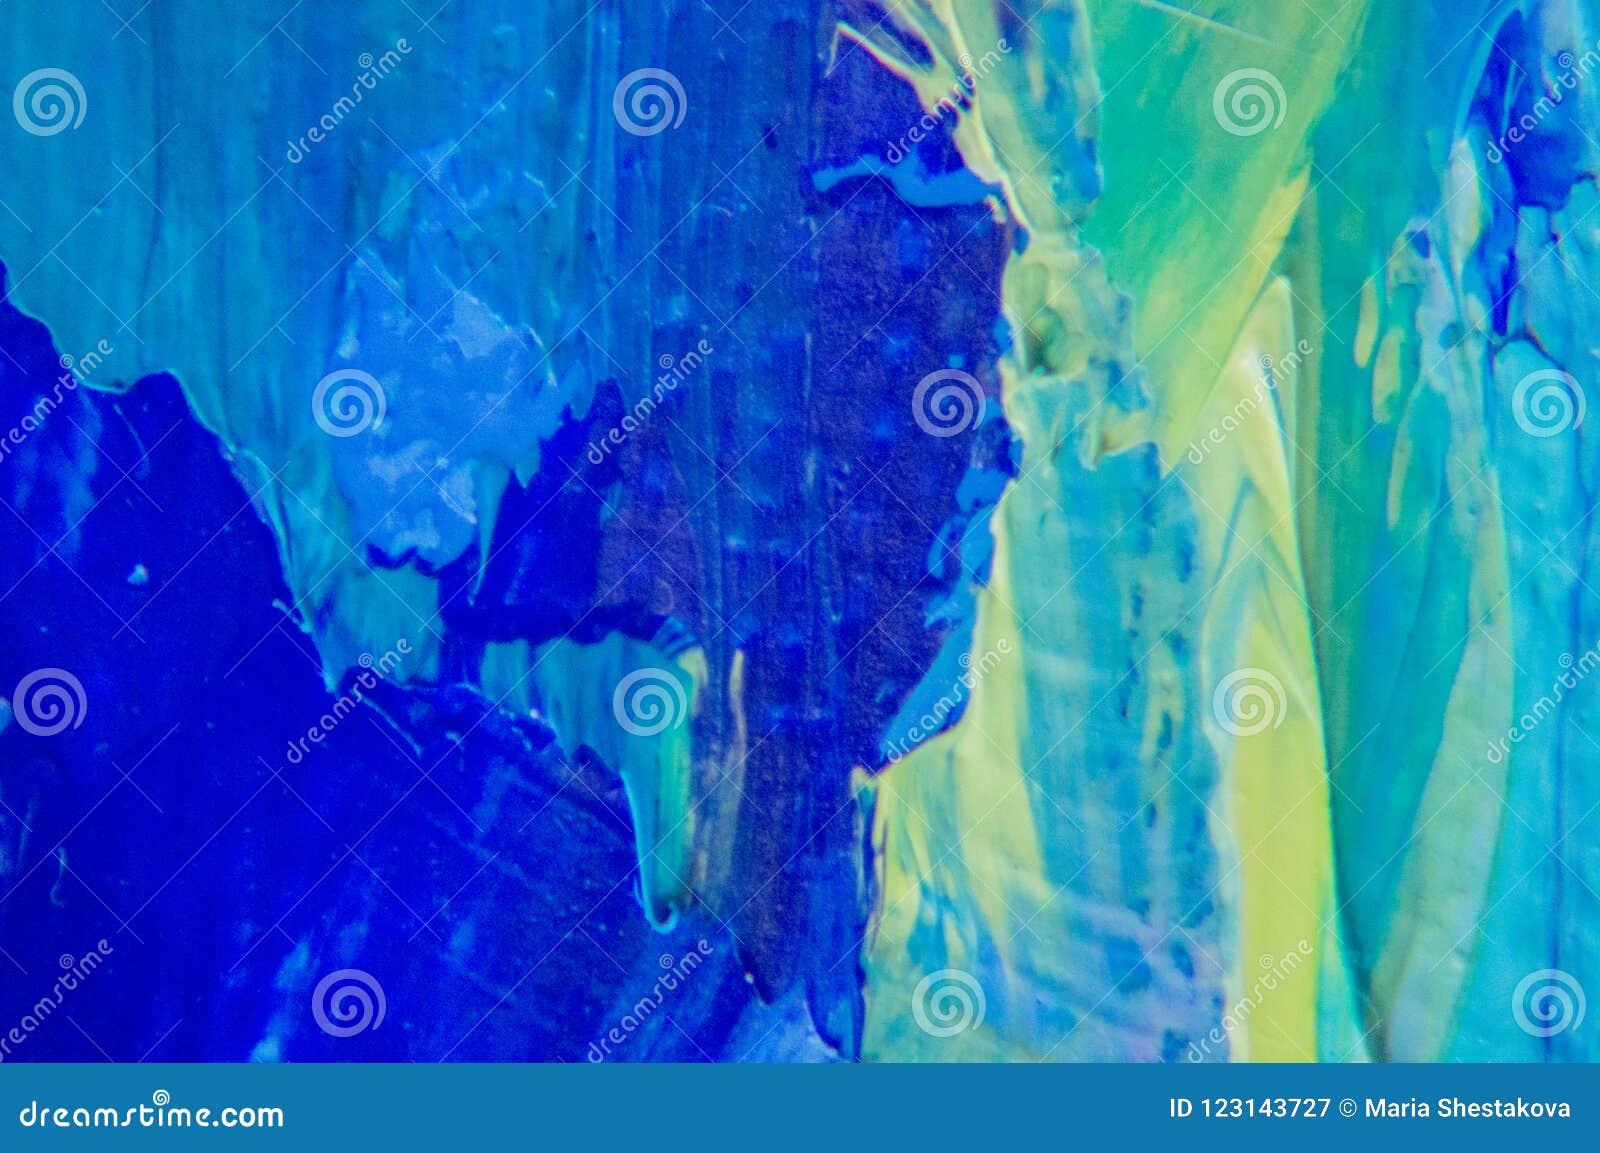 Czerep Stubarwny tekstura obraz sztuki abstrakcjonistycznej tło Olej na kanwie Szorstcy brushstrokes farba Zbliżenie paintin